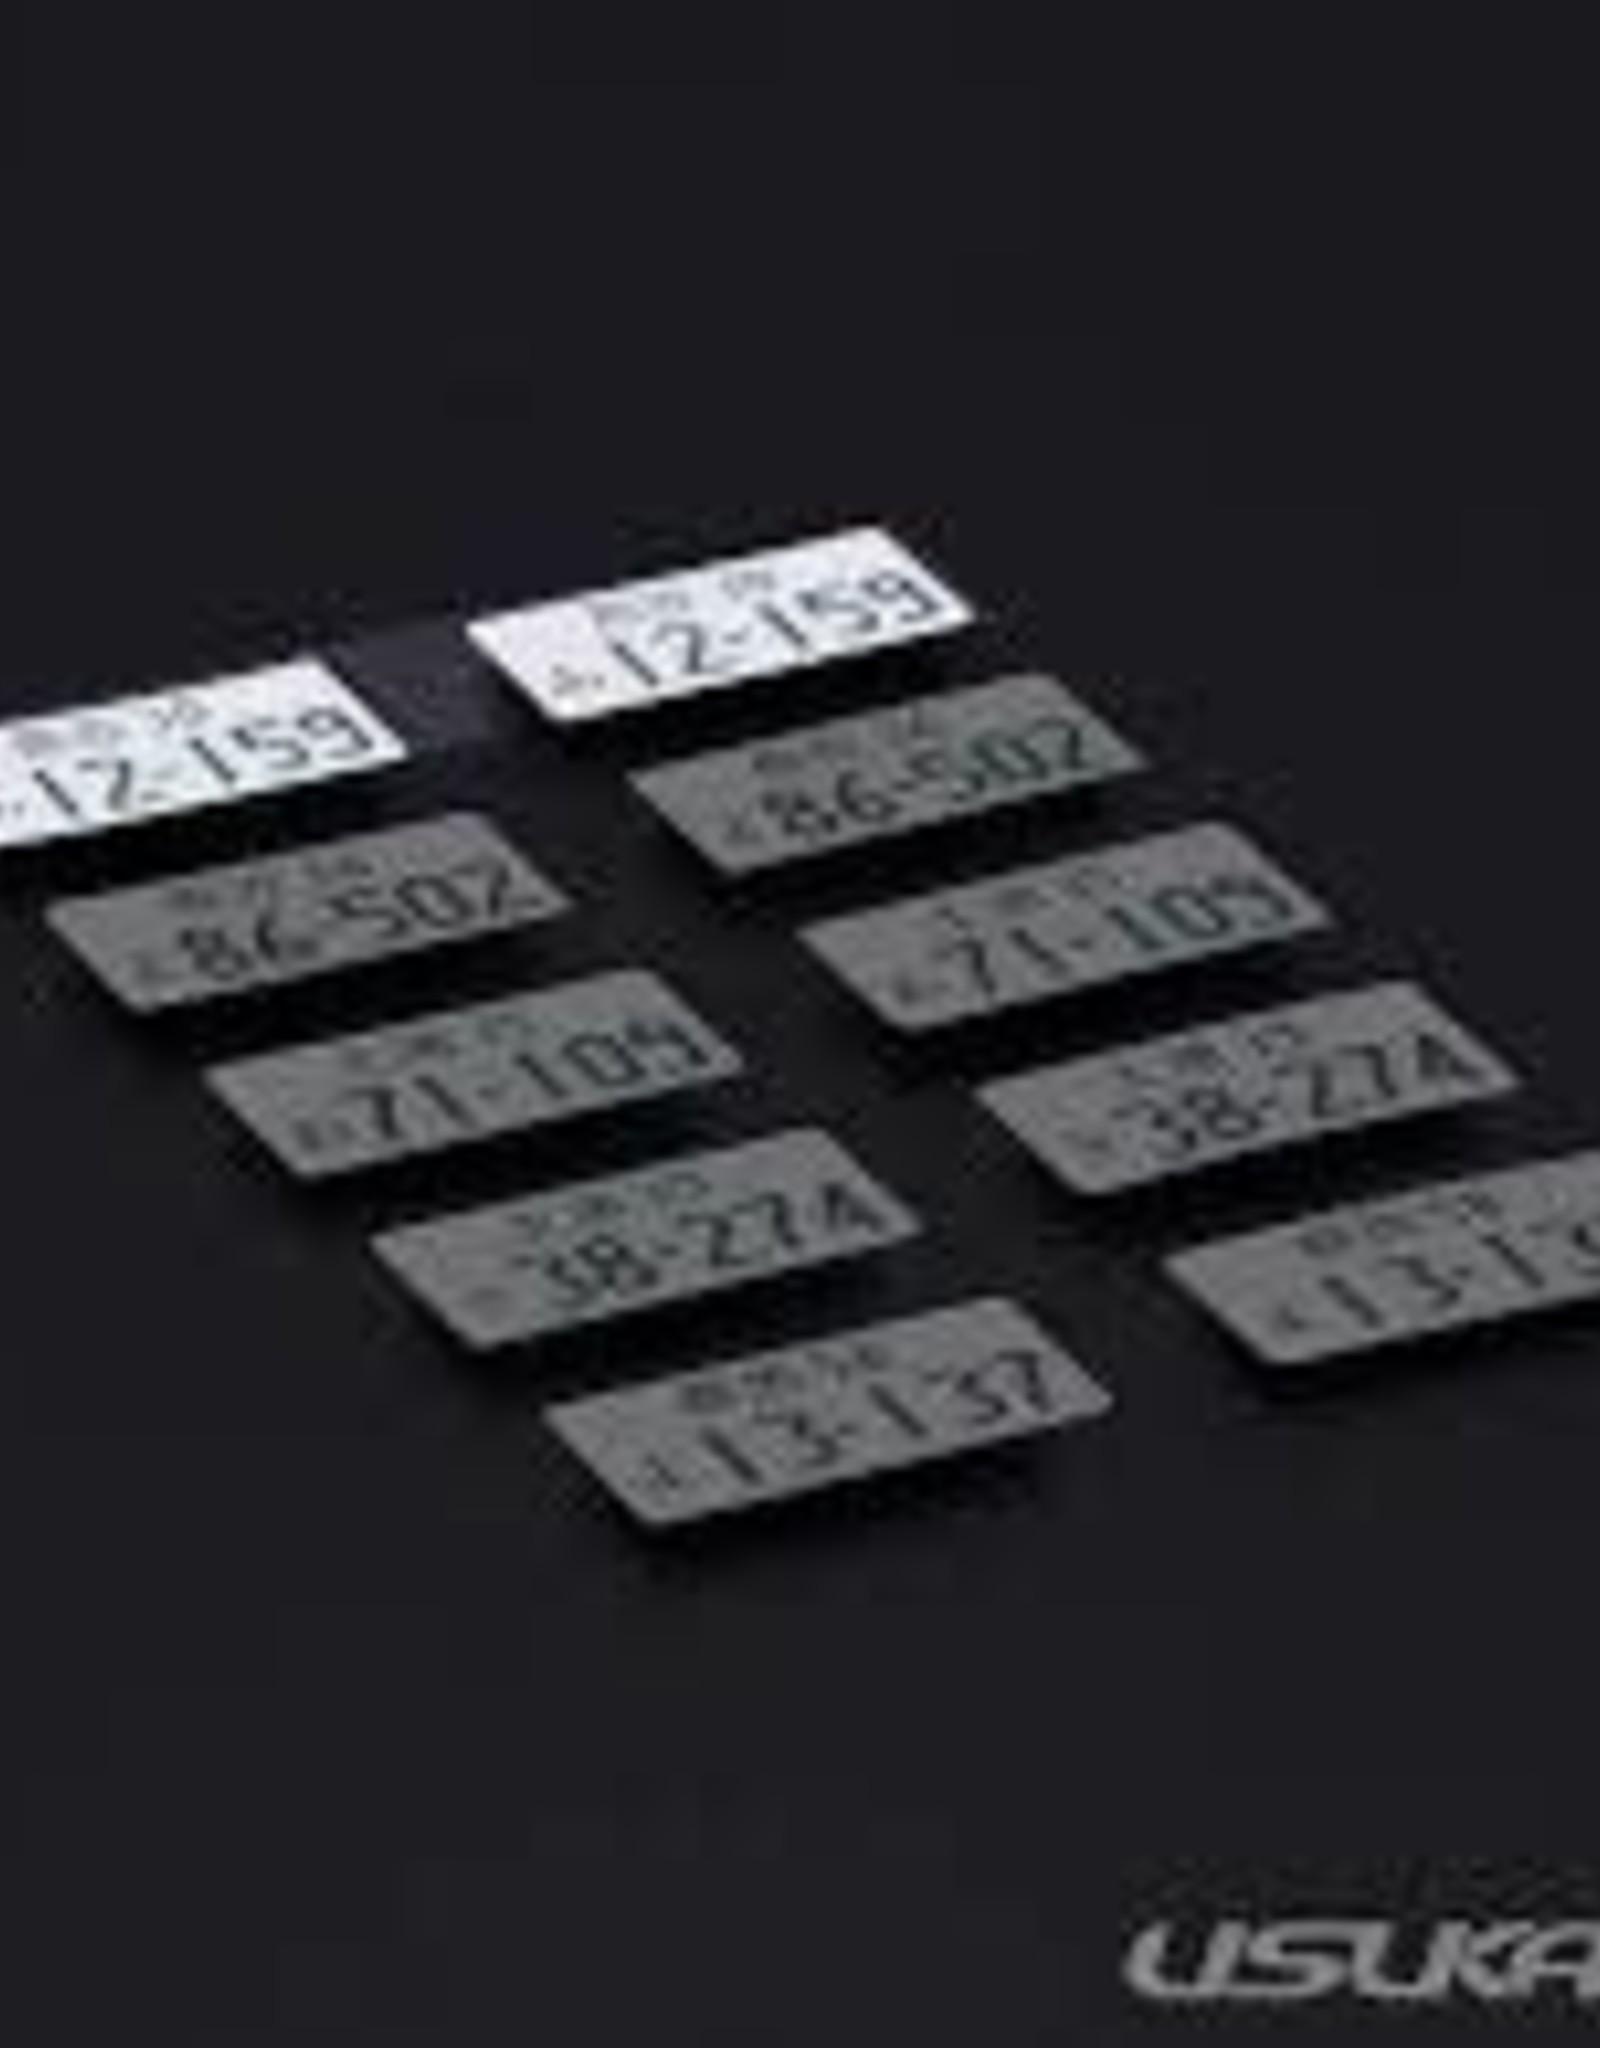 Usukani Usukani 3D License Plate Sticker ( 12-159 )/2pcs